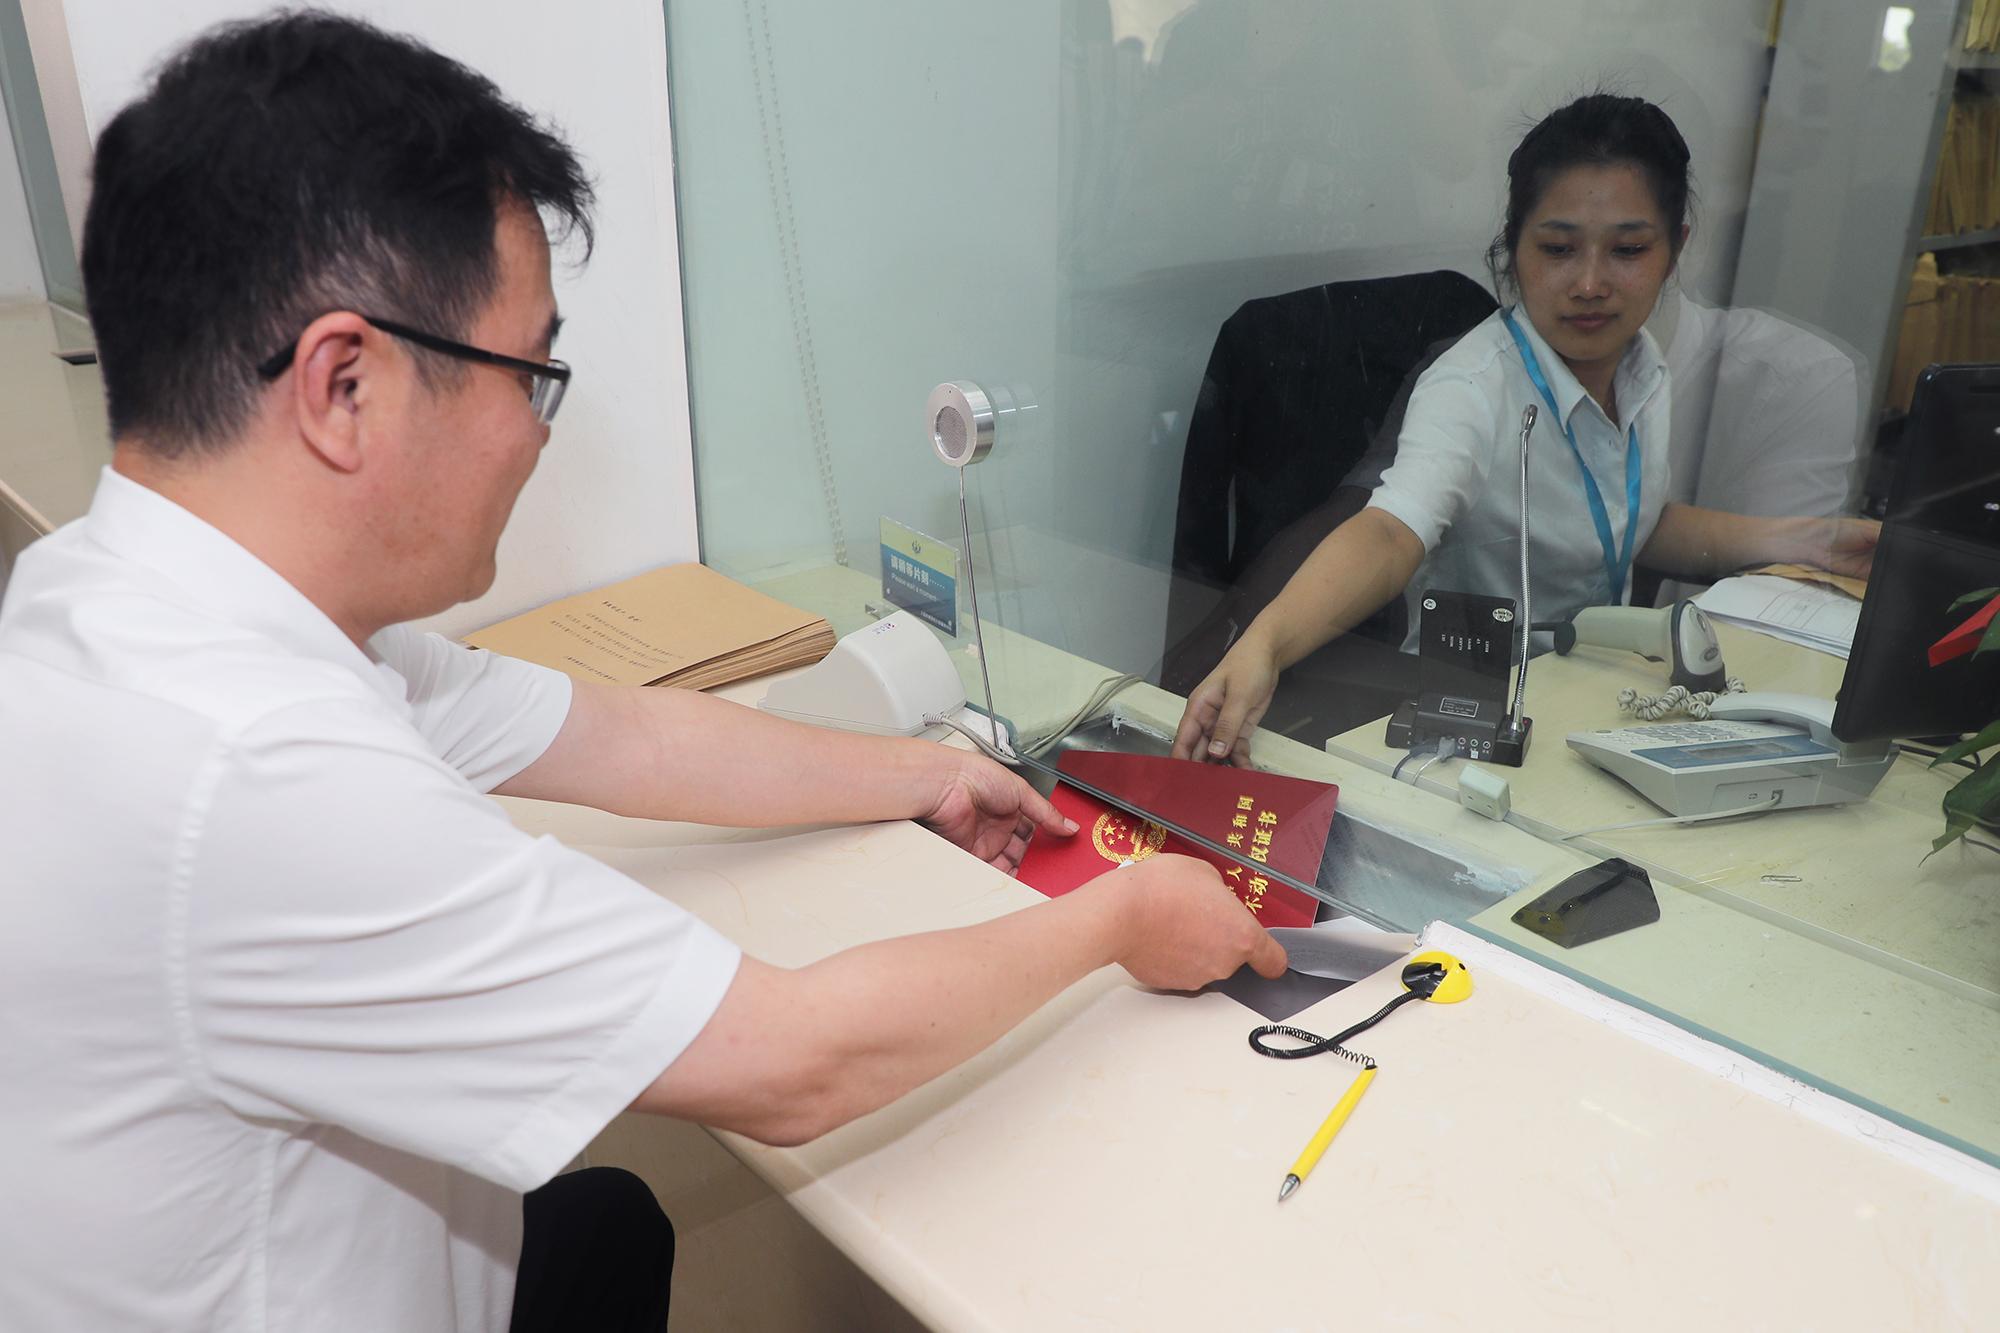 9月17日下午,上海中车城市交通建设投资有限公司总经理杨志峰在奉贤区行政服务中心领到了五张证书。倪珺